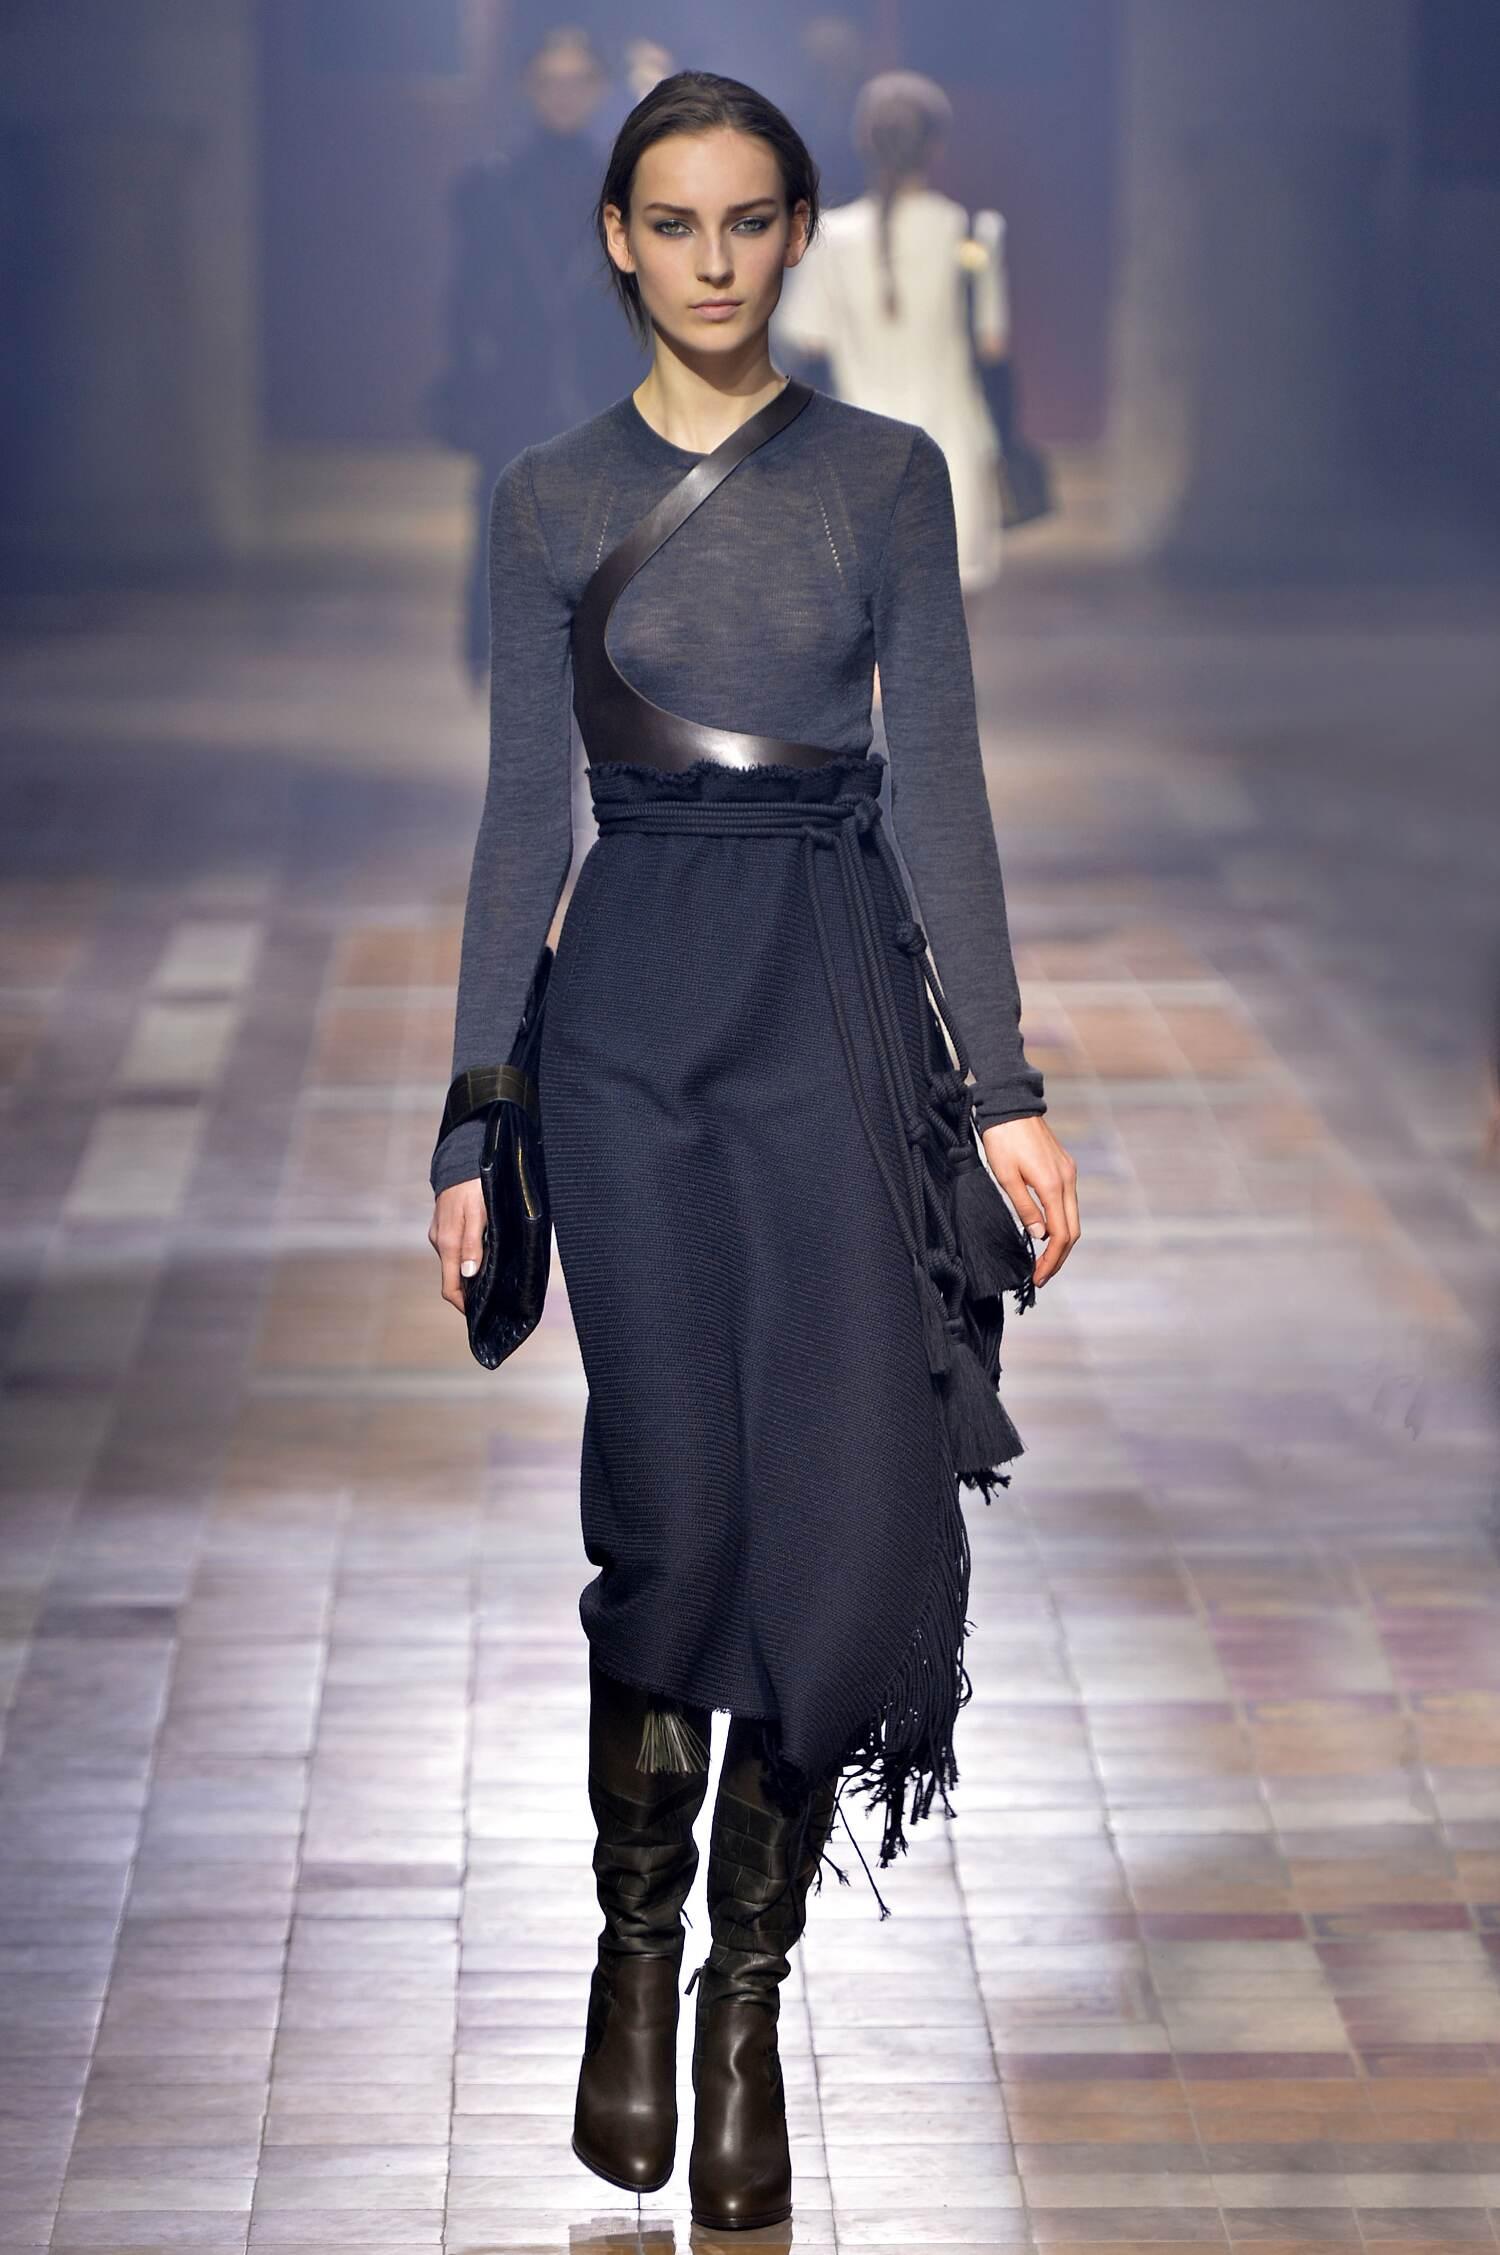 Lanvin Collection Woman Paris Fashion Week